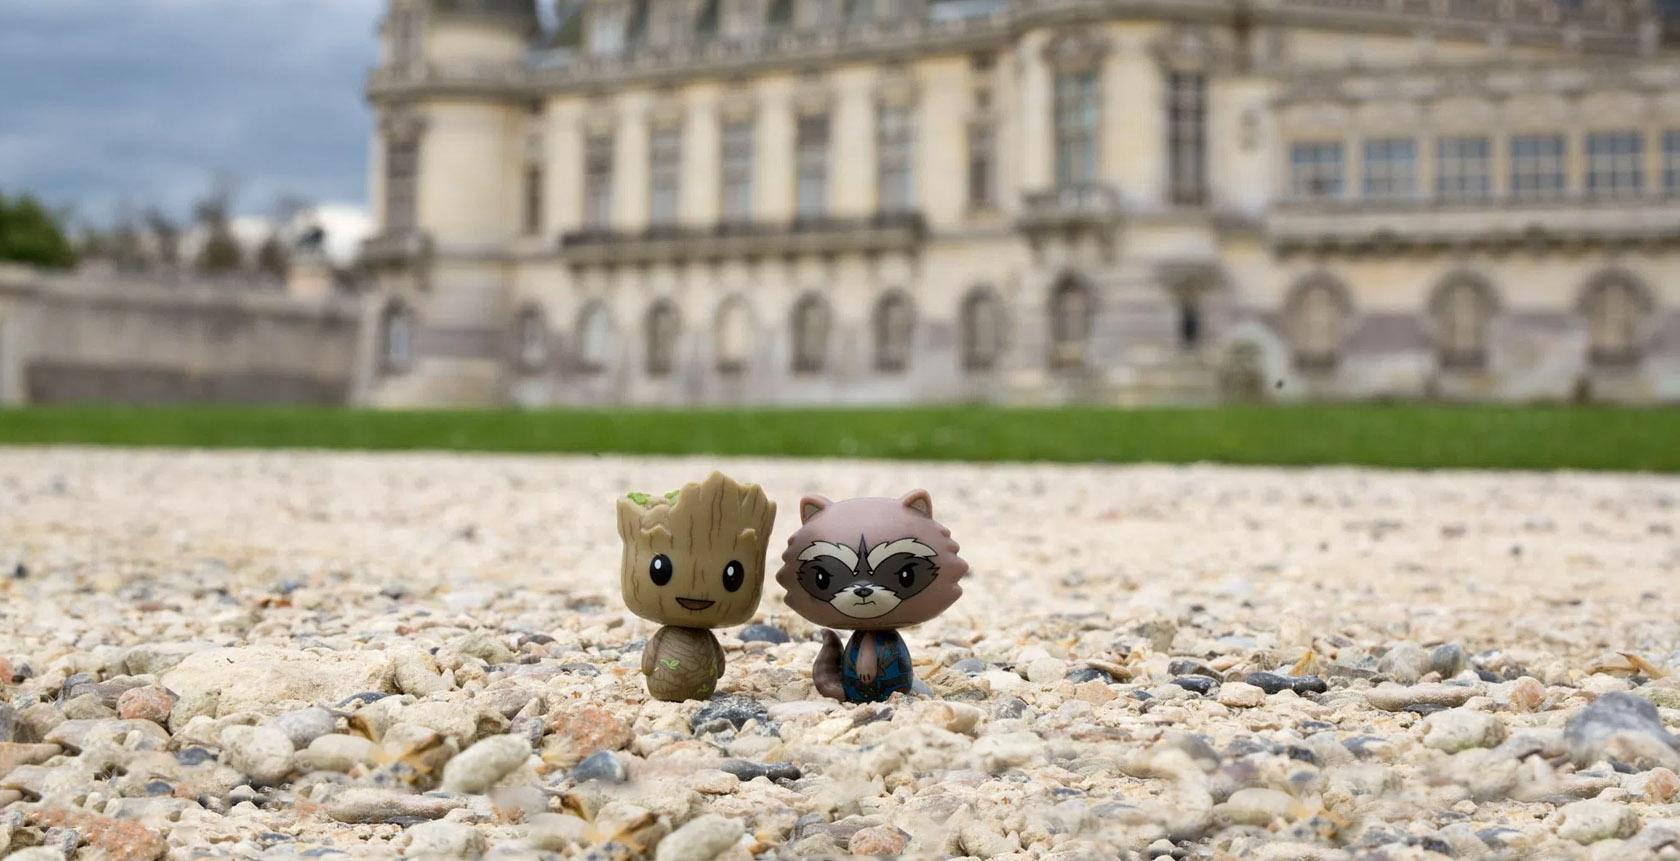 Discret - Toy photography em Paris bonecos miniatura - blog Vontade de Viajar